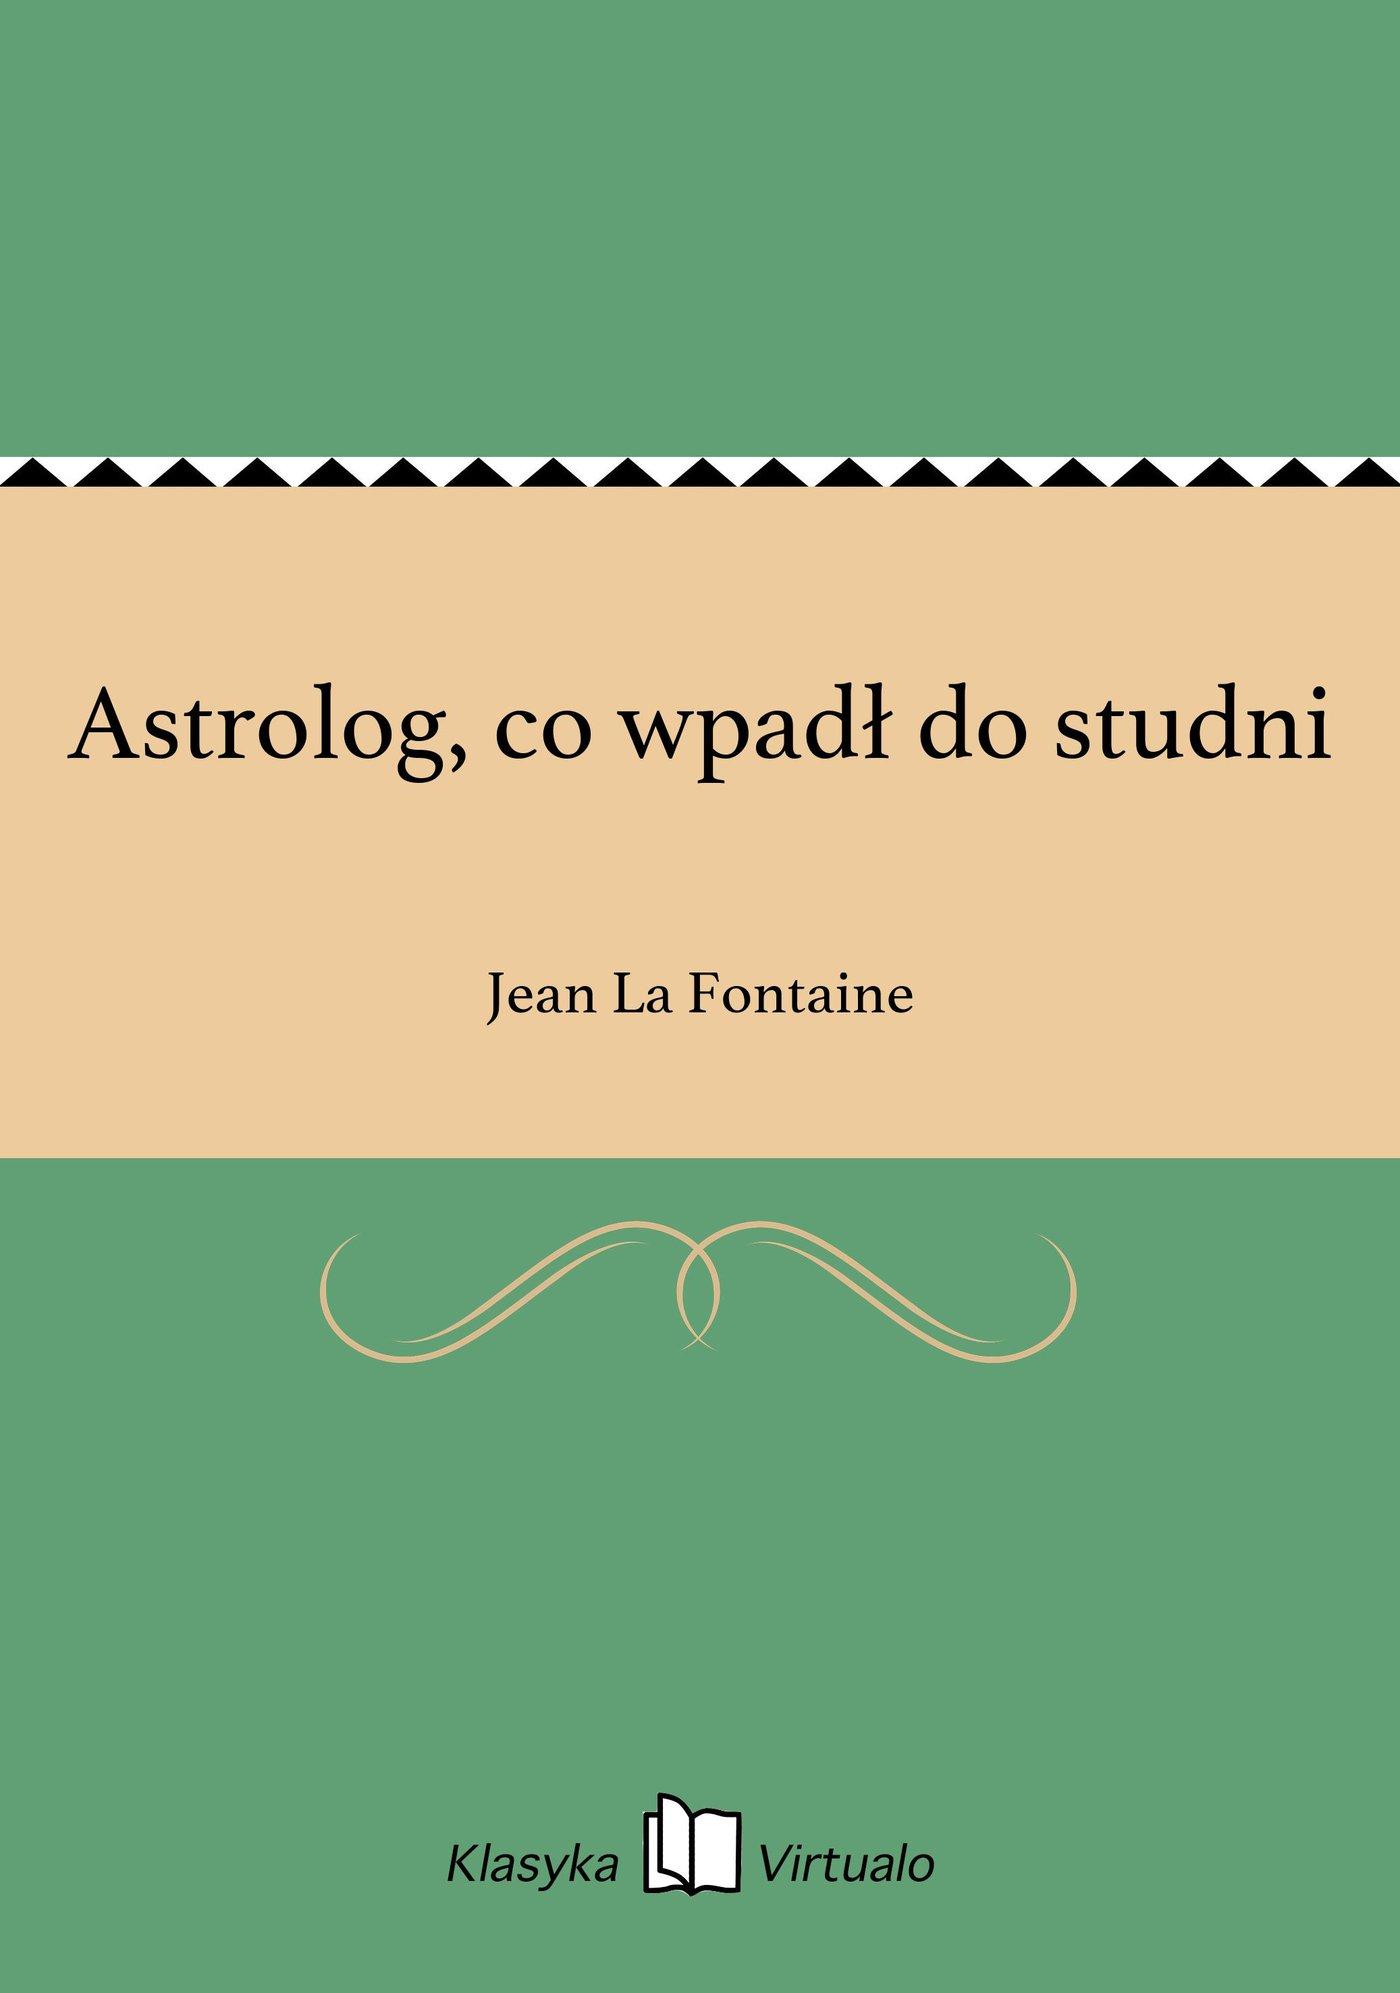 Astrolog, co wpadł do studni - Ebook (Książka EPUB) do pobrania w formacie EPUB